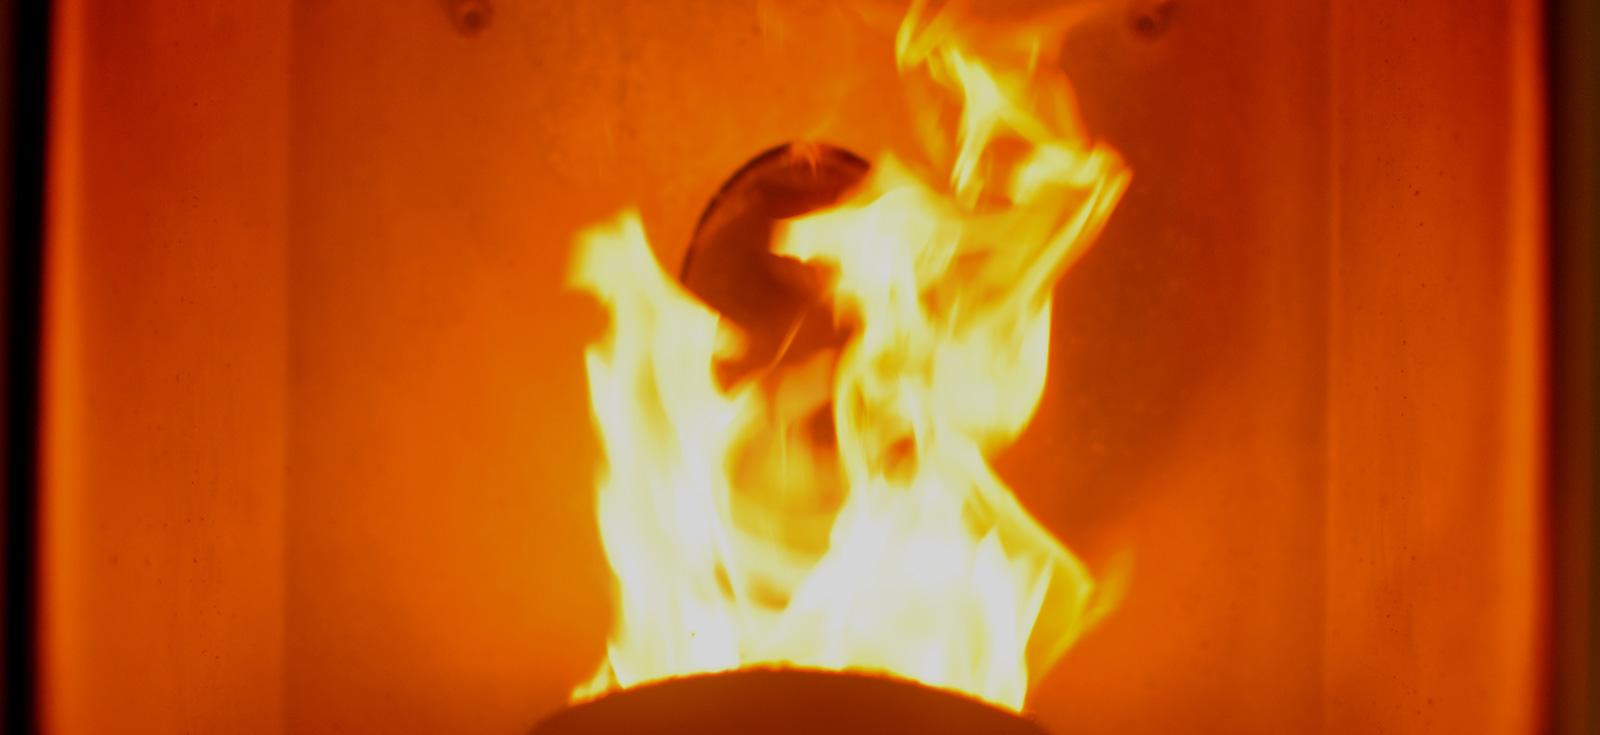 株式会社ライフガーデンのペレットストーブの炎